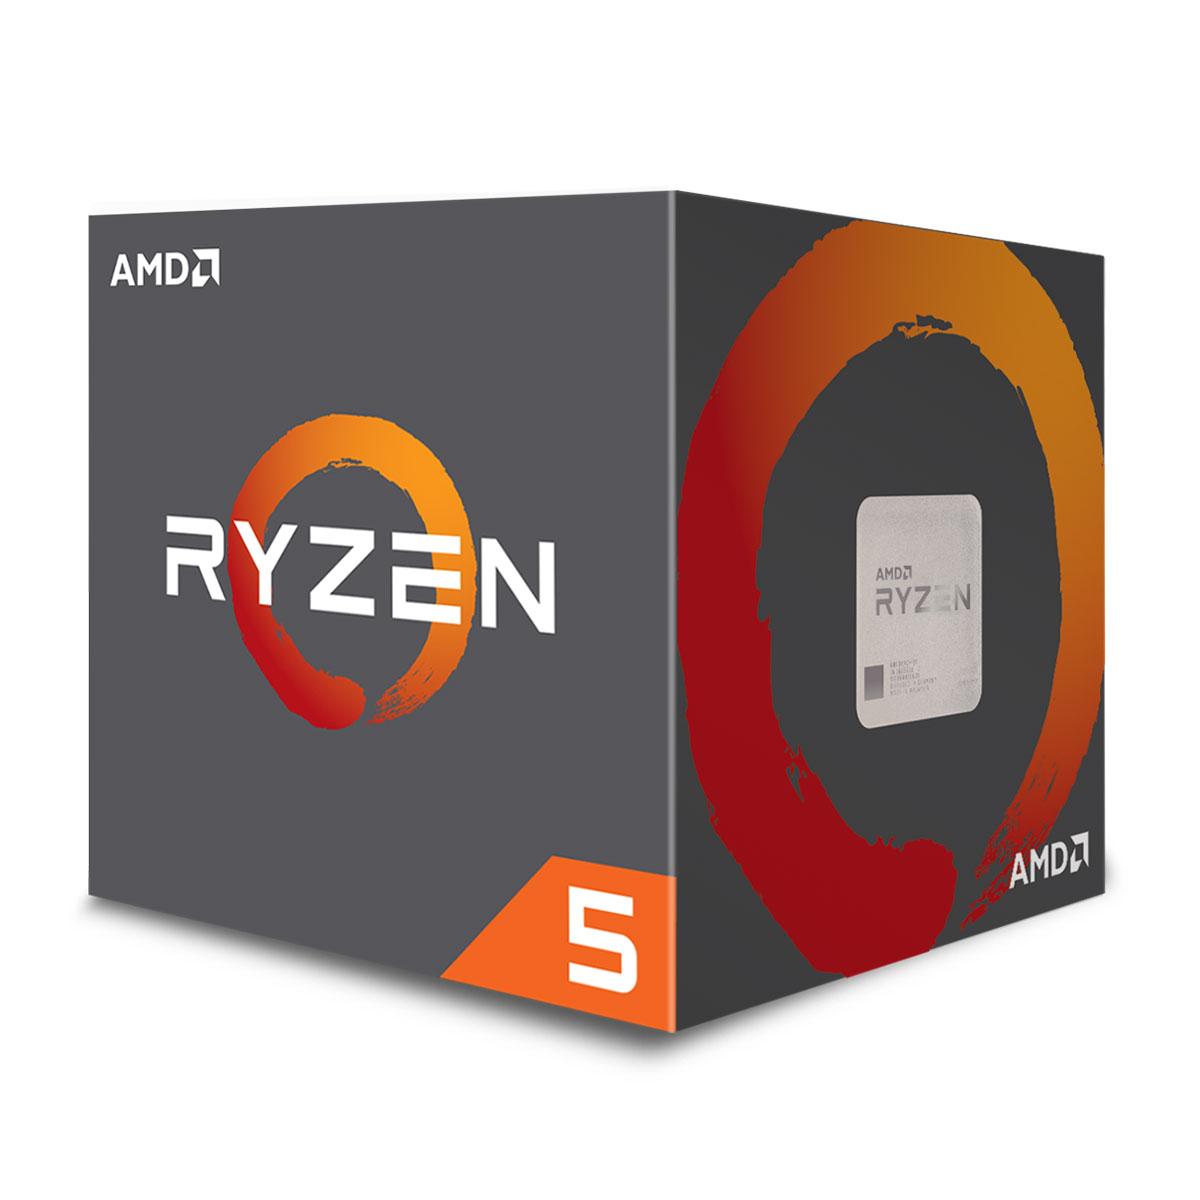 7% de réduction sur l'article le plus cher - Ex: Processeur AMD Ryzen 5 2600 Wraith Stealth Edition (3.4 GHz) à 158,98€